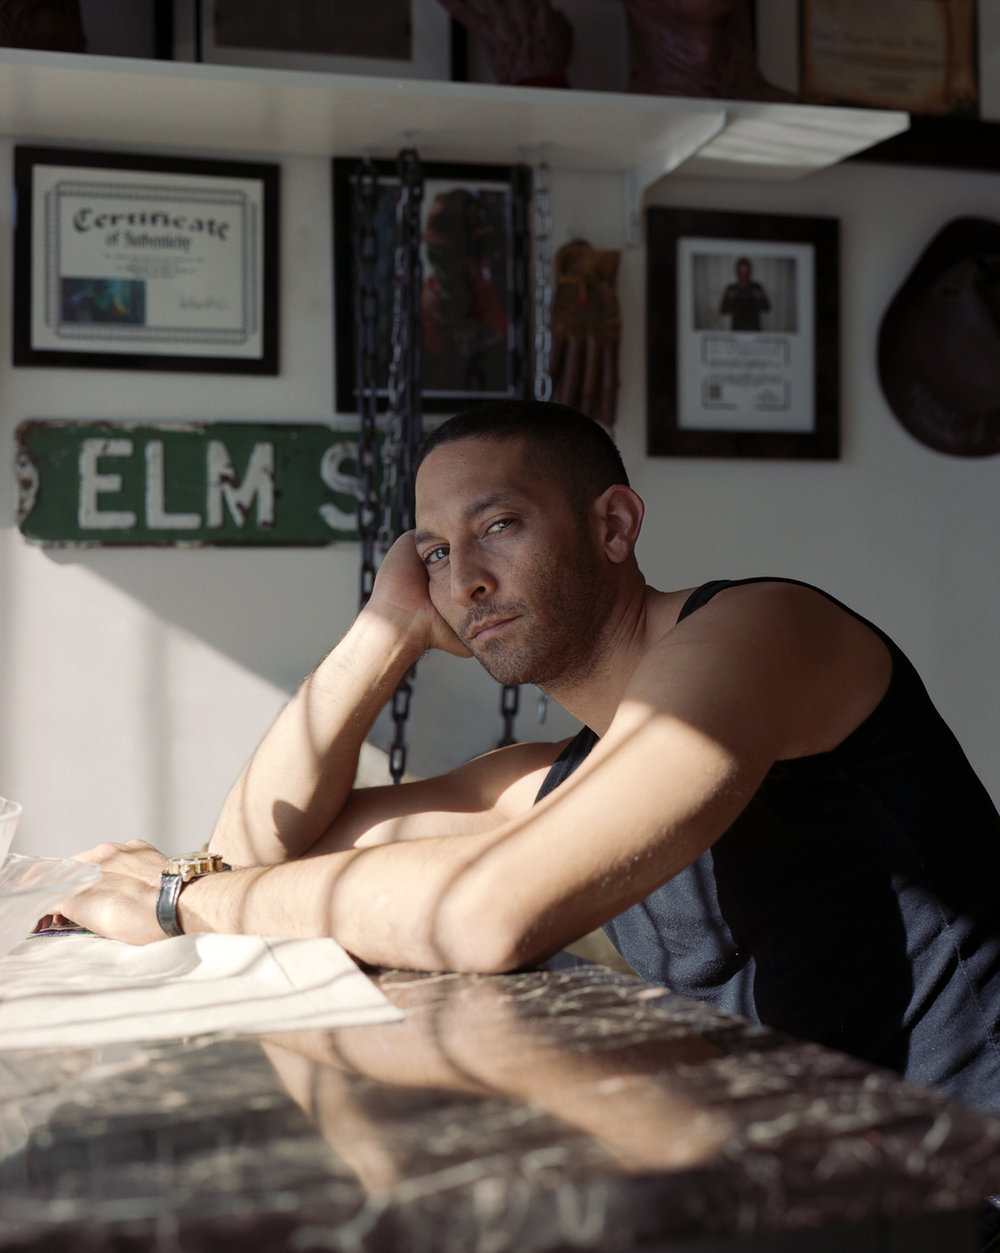 ioannis koussertari_photographer_Brent Gutierrez-LA-actor.jpg